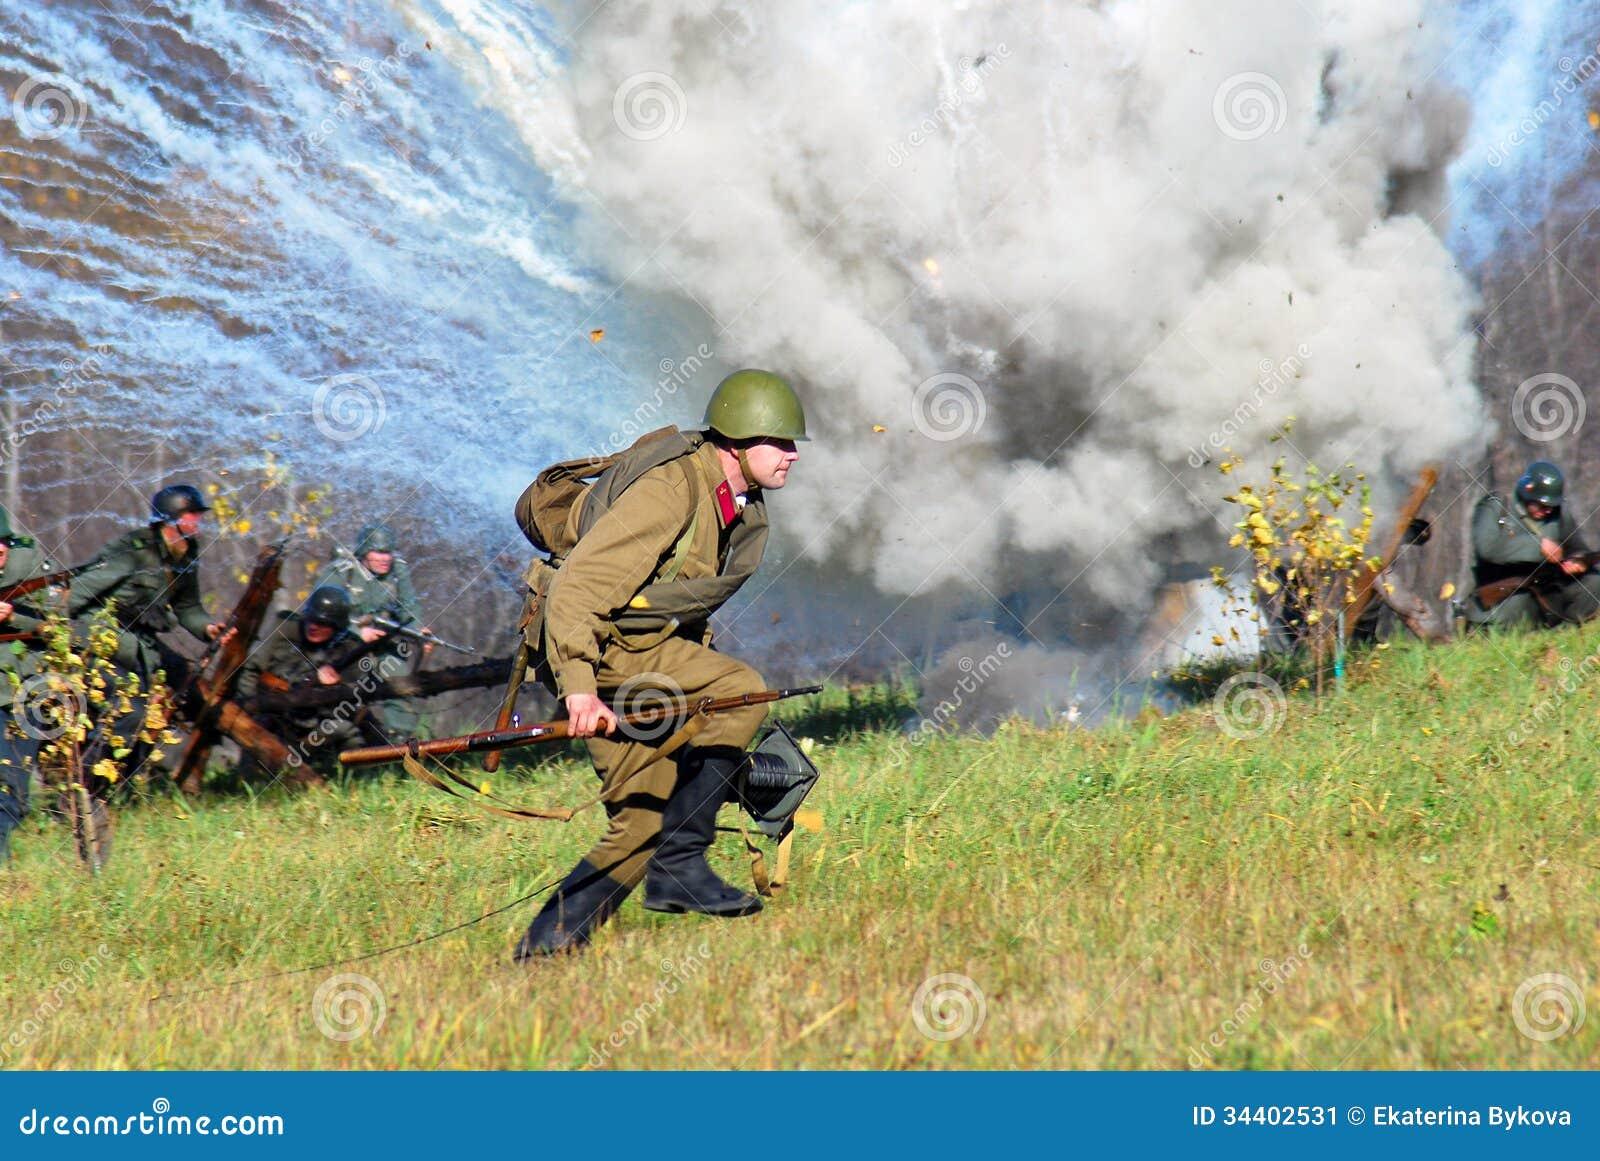 Ιστορική αναπαράσταση μάχης της Μόσχας